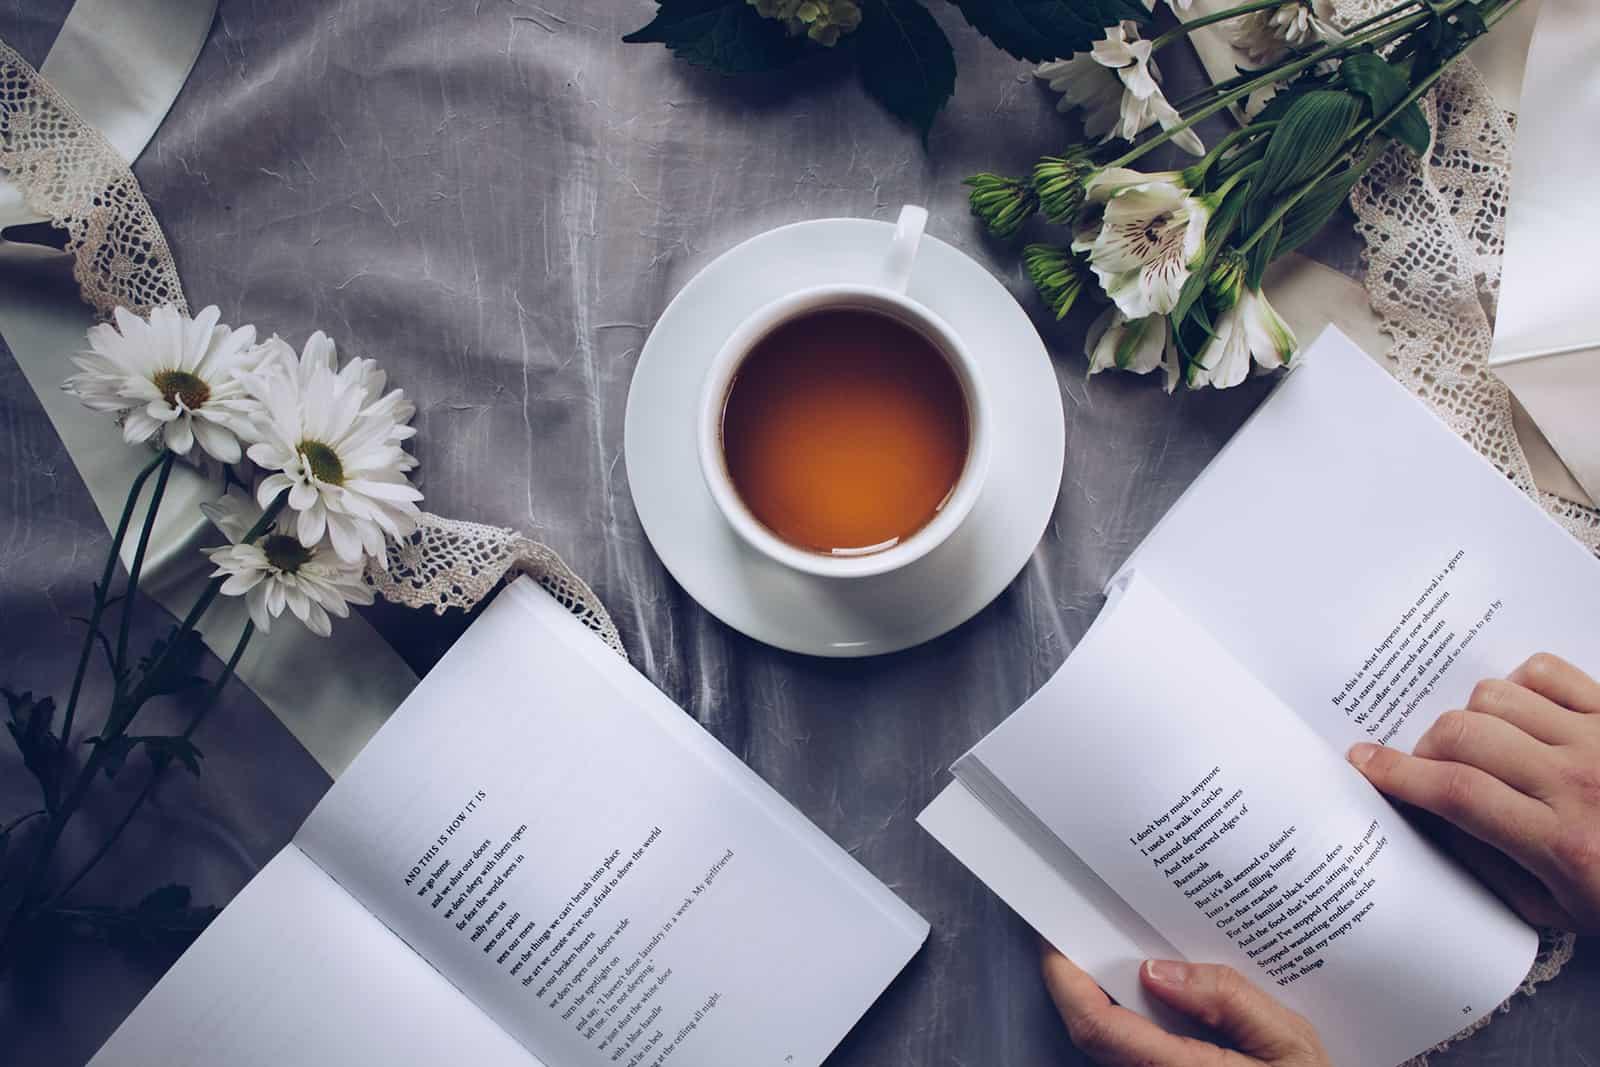 eine Person, die ein Liebesgedicht aus dem Buch auf dem Tisch liest